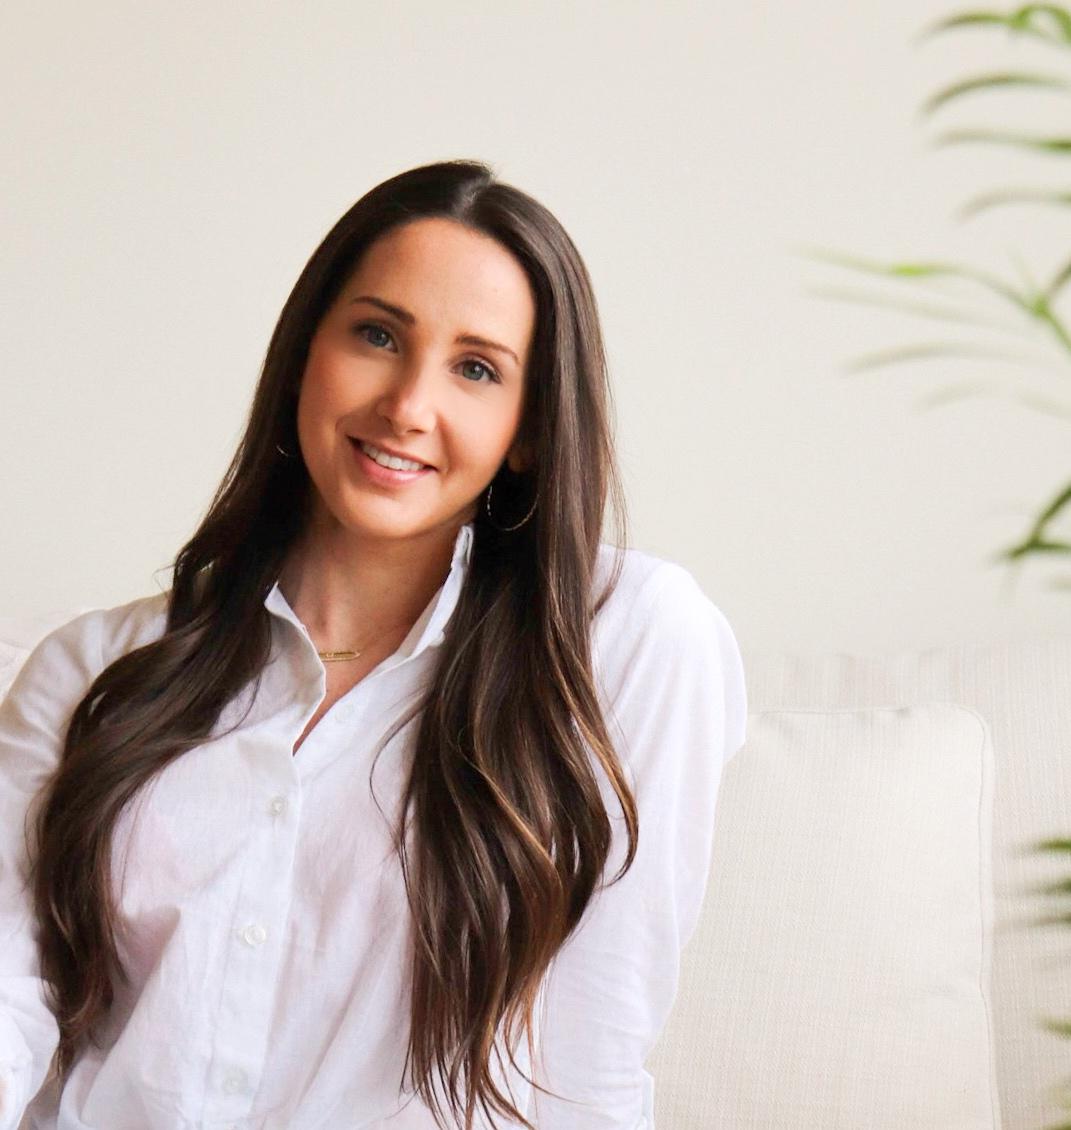 Heather-Rinder-About3.JPG